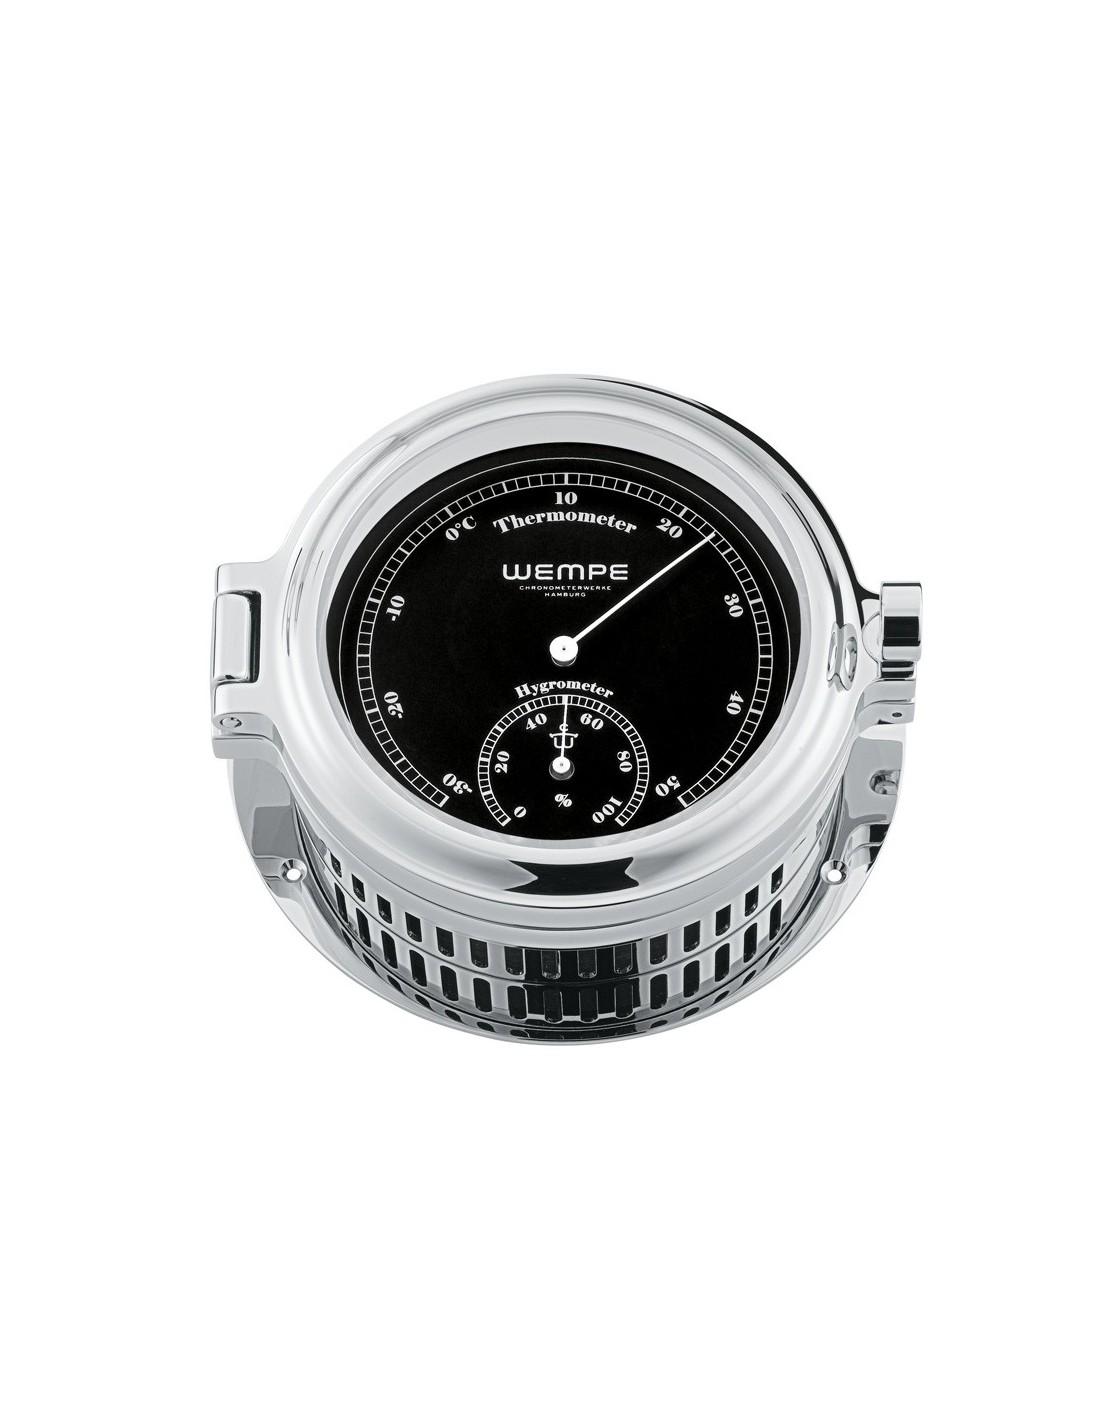 REGATTA - Thermometer / Hygrometer - Verchroomd - Zwart / Wit - 140 x 47 mm - Wempe - Scheepsinstrumenten - CW170009